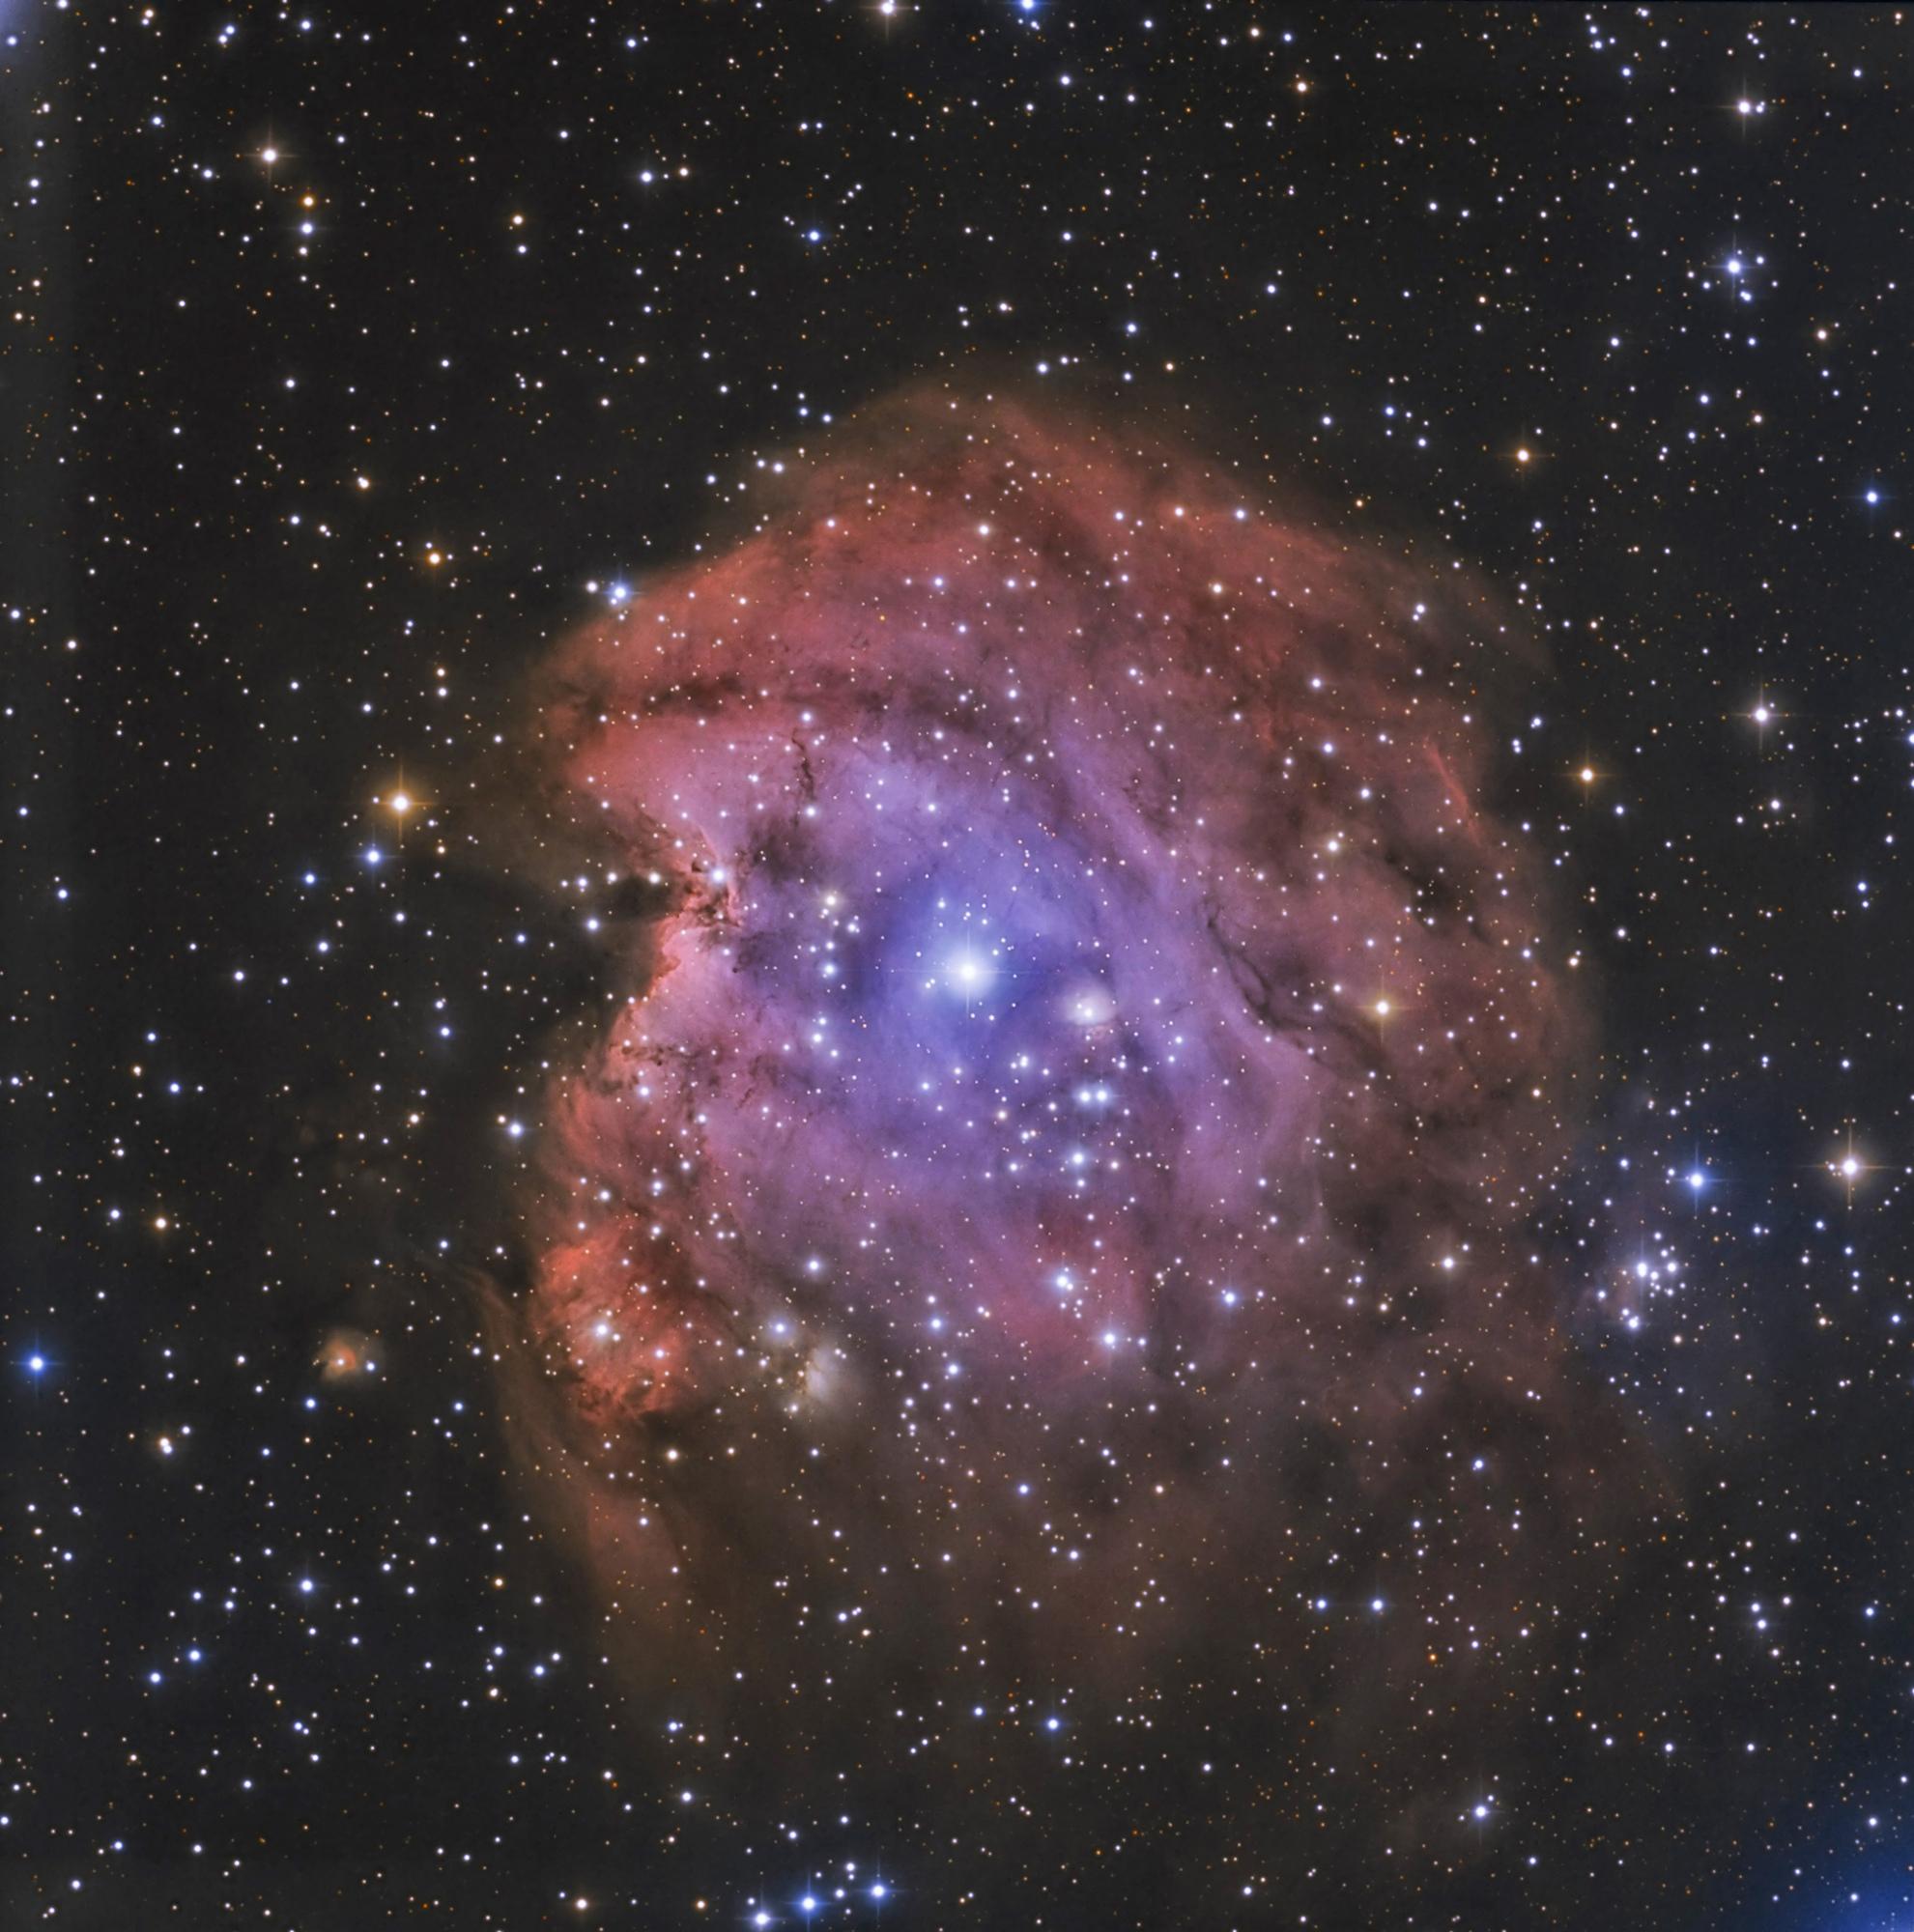 NGC2175_LRVBx0_7_L_HOO_RVB_x0_3_psp_lumcon_vib_jpeg _demi.jpg